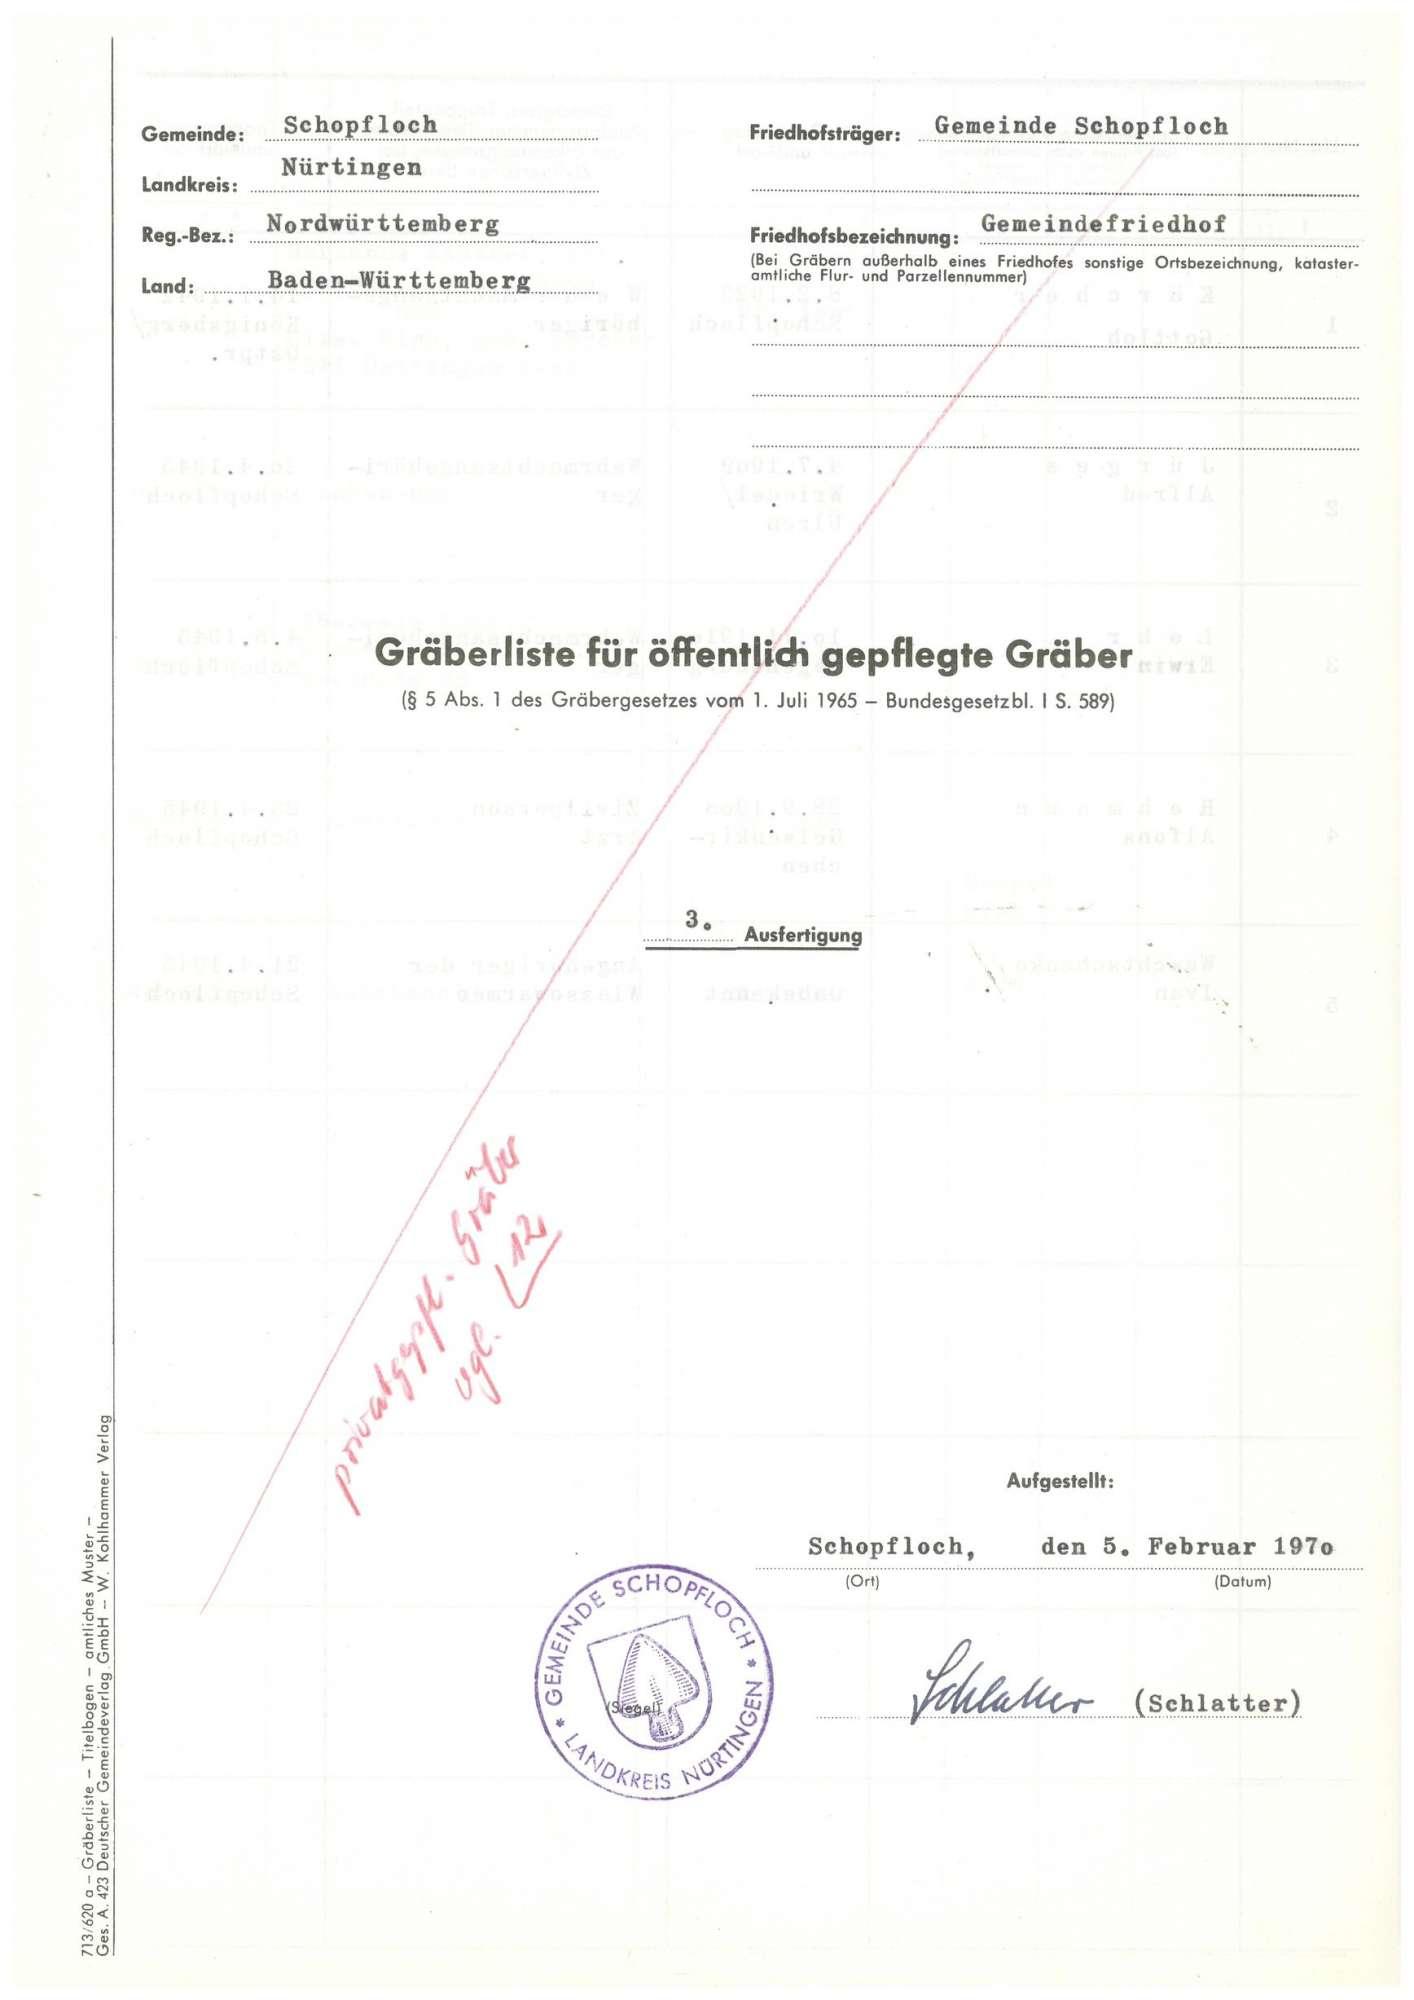 Schopfloch, Bild 1